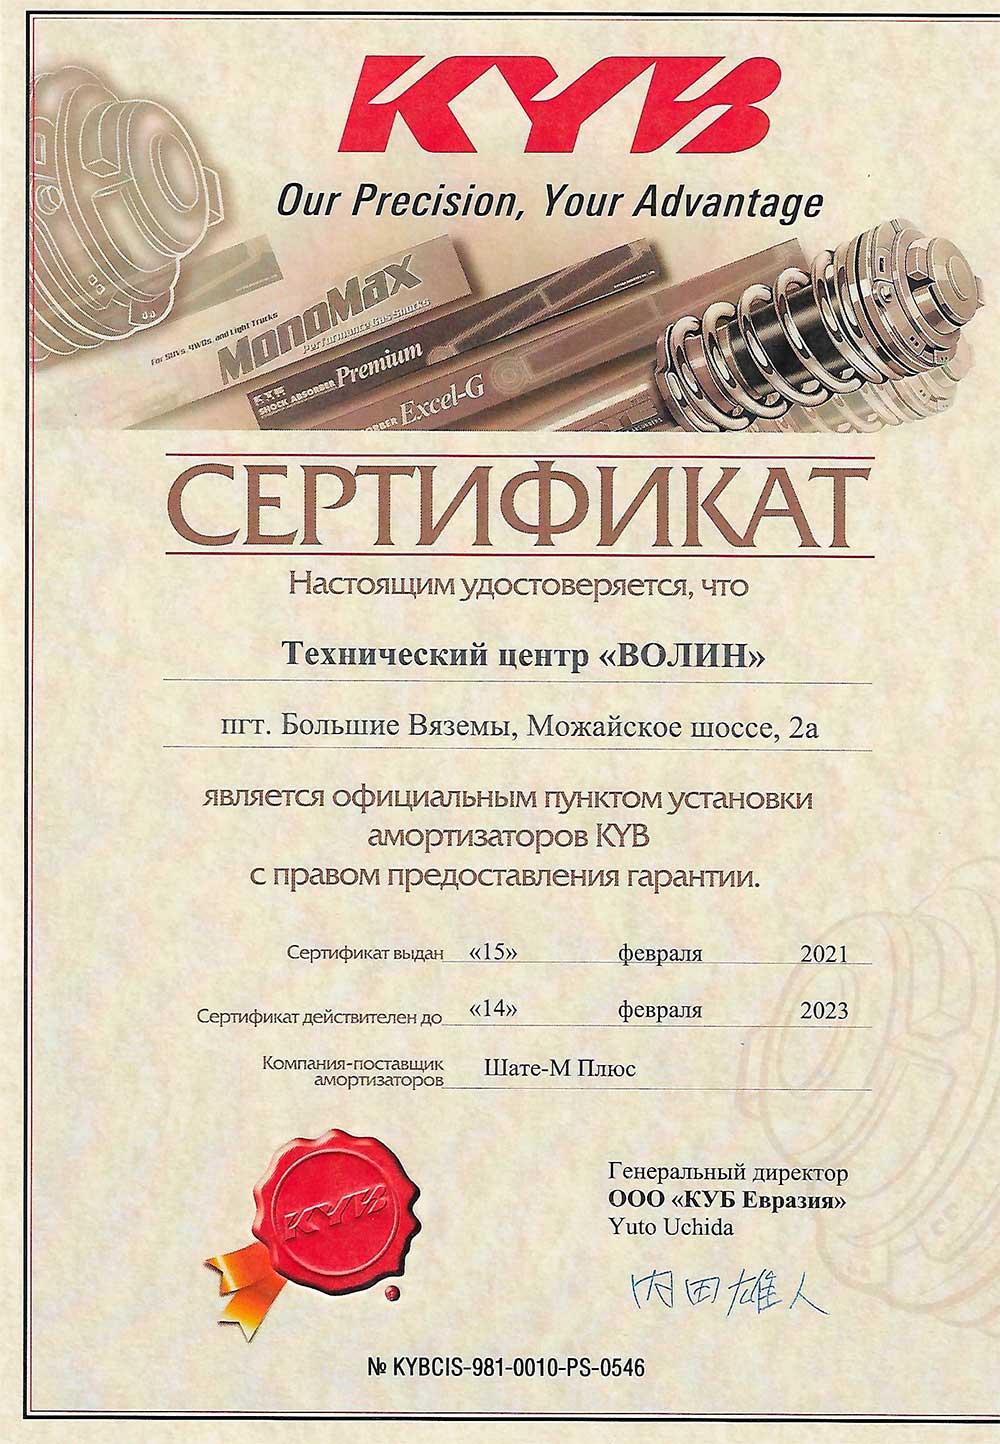 Сертификат официального пункта установки амортизаторов KYB с правом предоставления гарантии